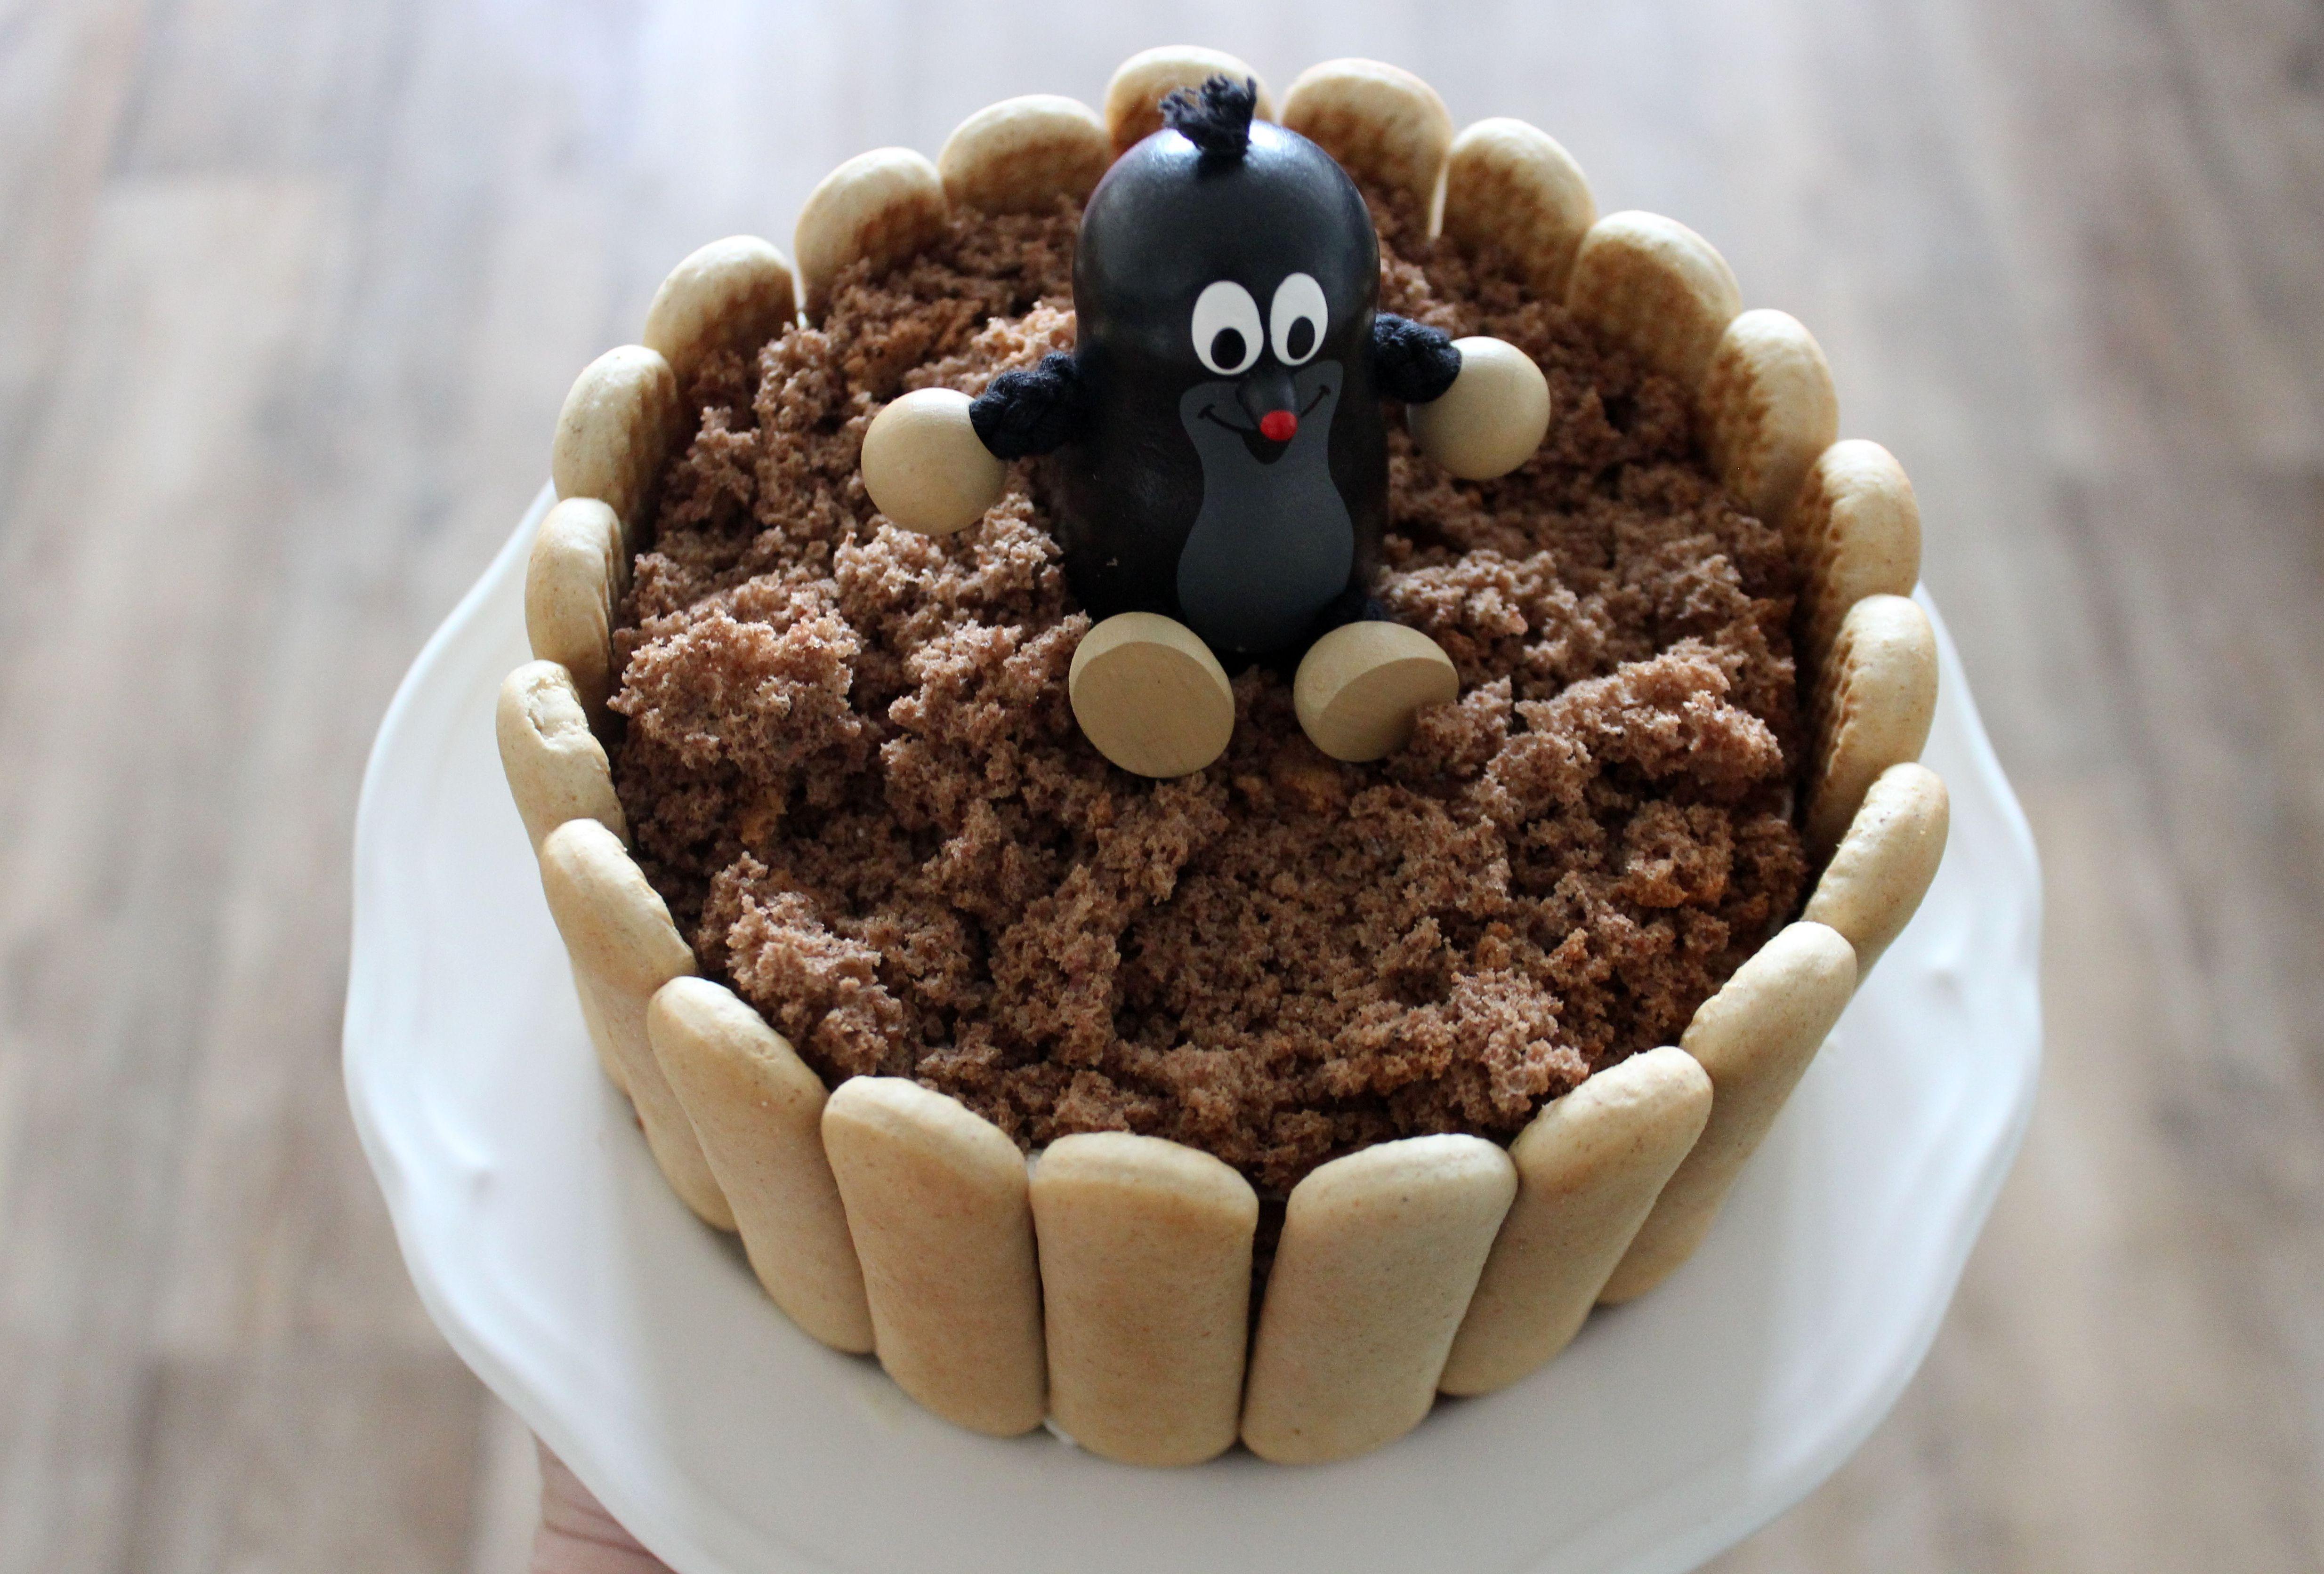 dětský dort k narozeninám recept RECEPT: narozeninový dort pro roční dítě k prvním narozeninám  dětský dort k narozeninám recept